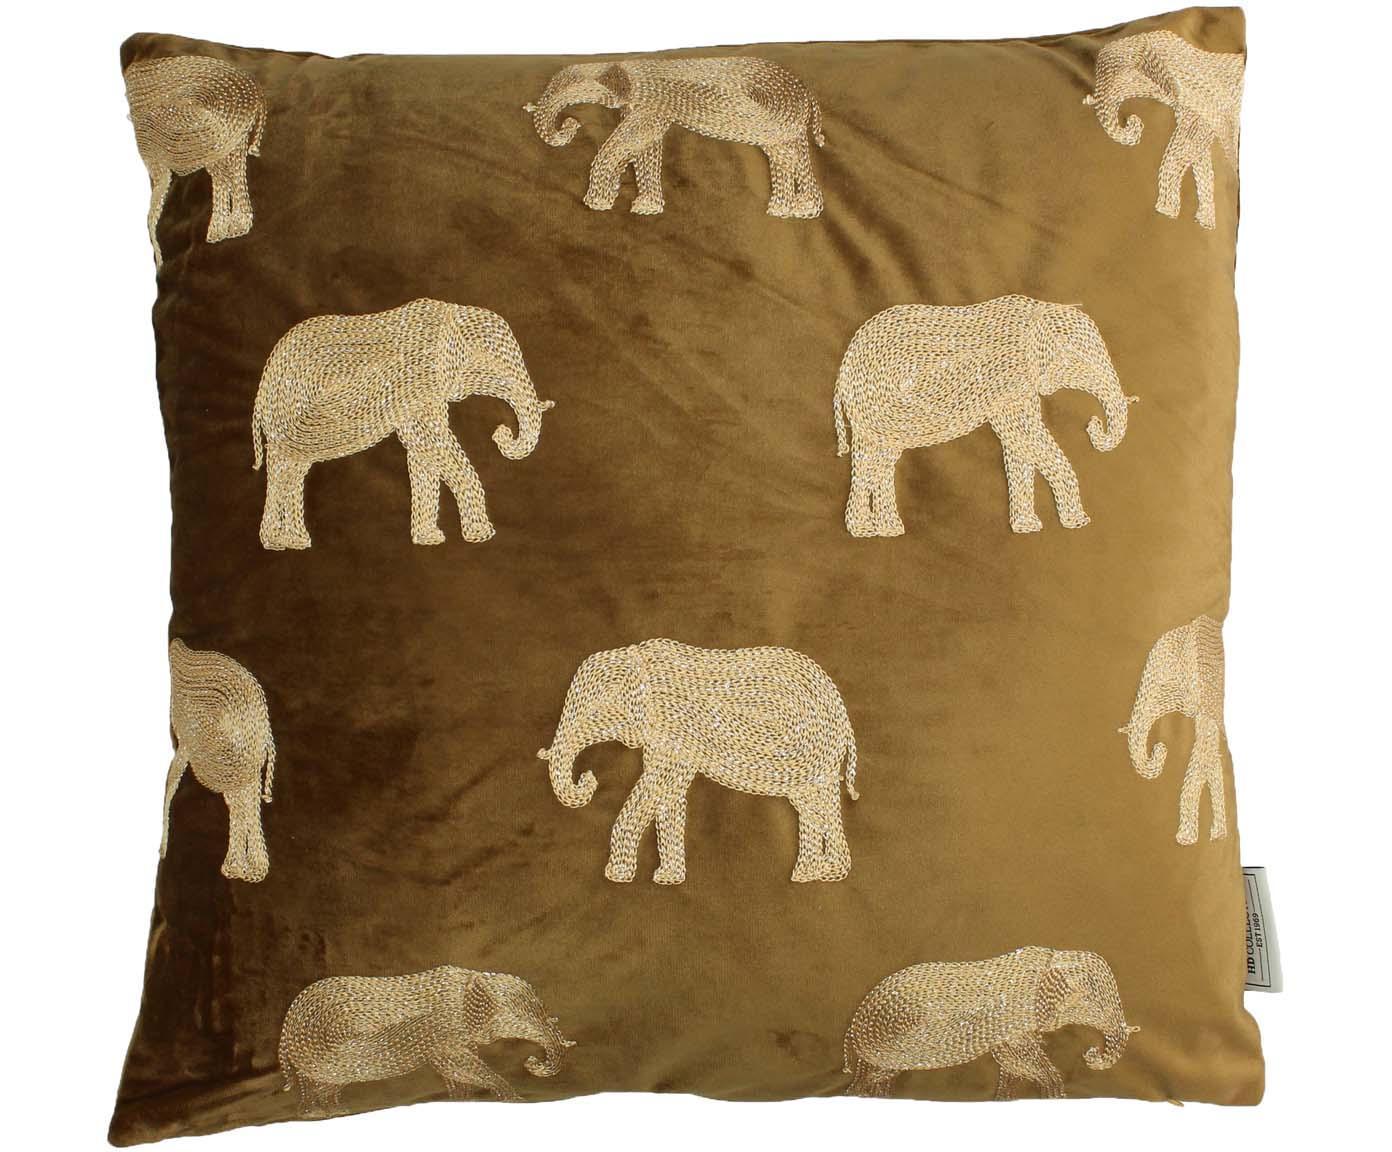 Cuscino in velluto ricamato Elephant, 100% velluto (poliestere), Marrone, dorato, Larg. 45 x Lung. 45 cm